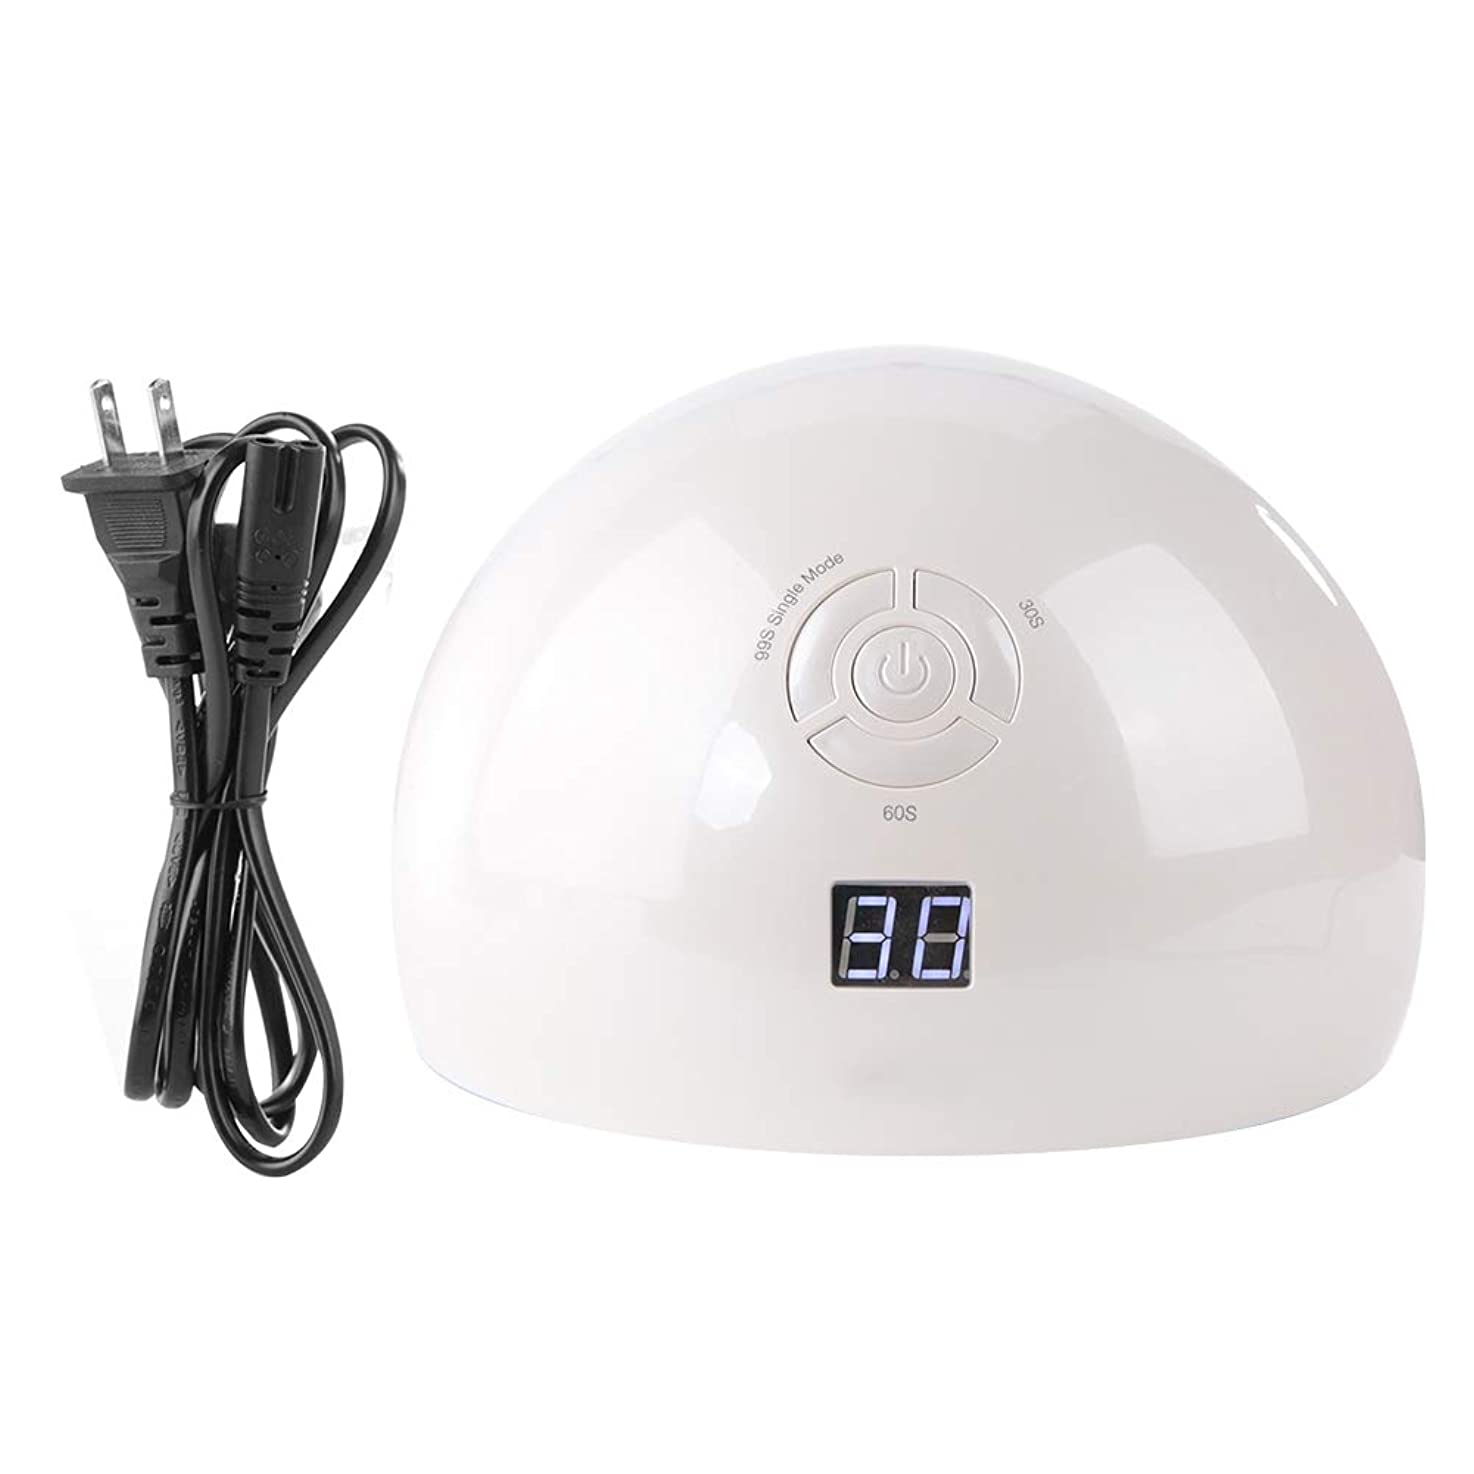 の配列代表する良い48W 多機能 LEDネイルランプ 赤外線センサー UVネイルドライヤー 30秒 60秒 99秒モード/インテリジェント 痛みなし(01)